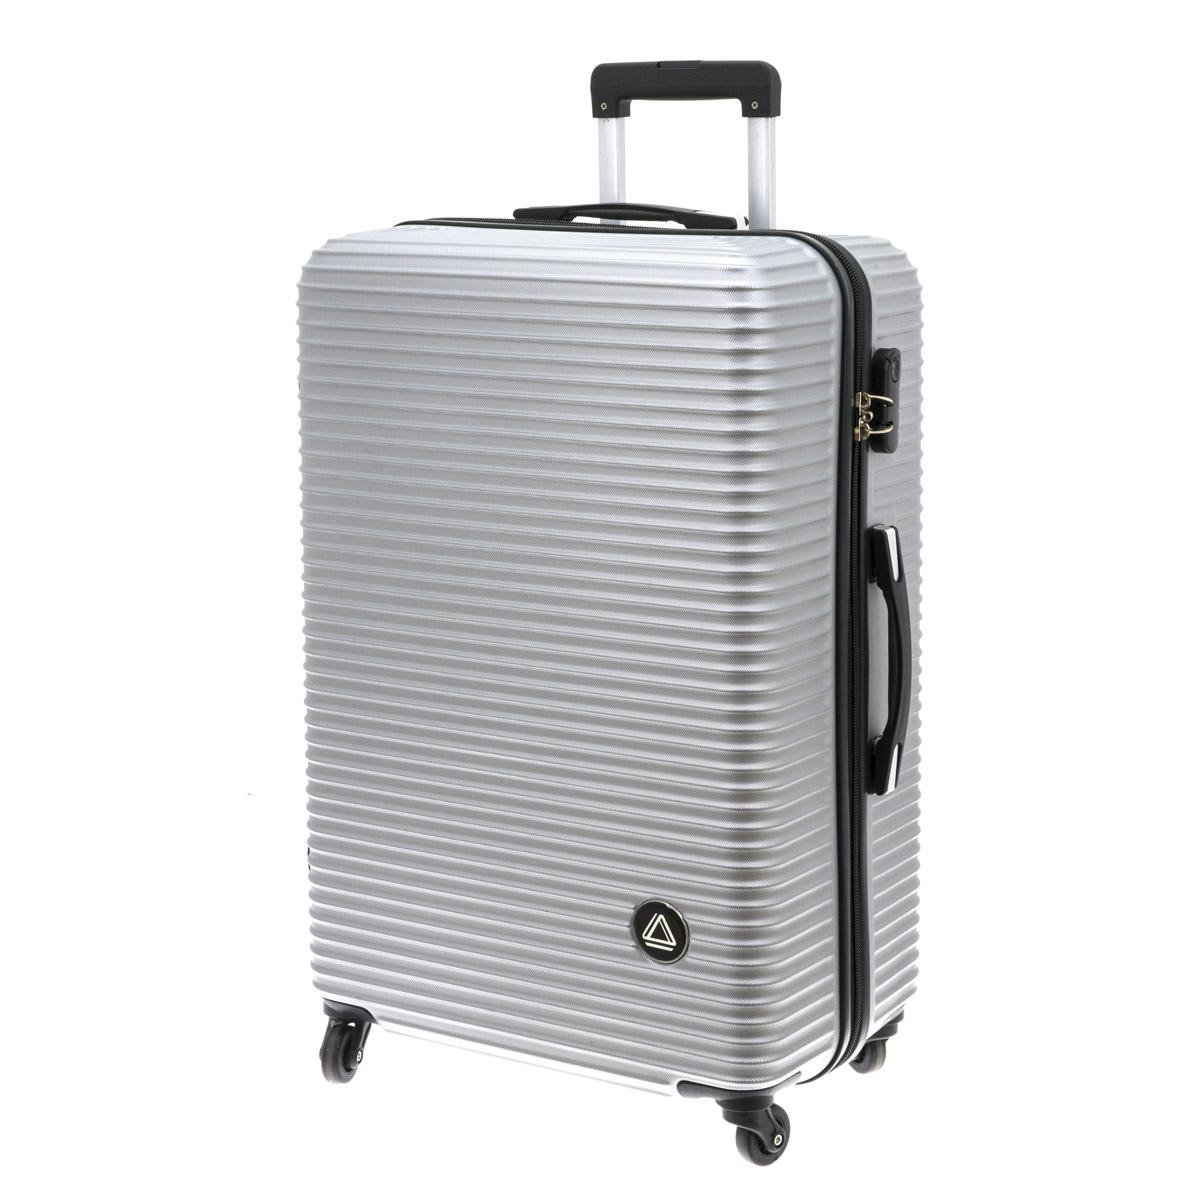 Valise trolley coque ABS \'Davidt\'s\' argenté - 75x49x29 cm - [Q9933]